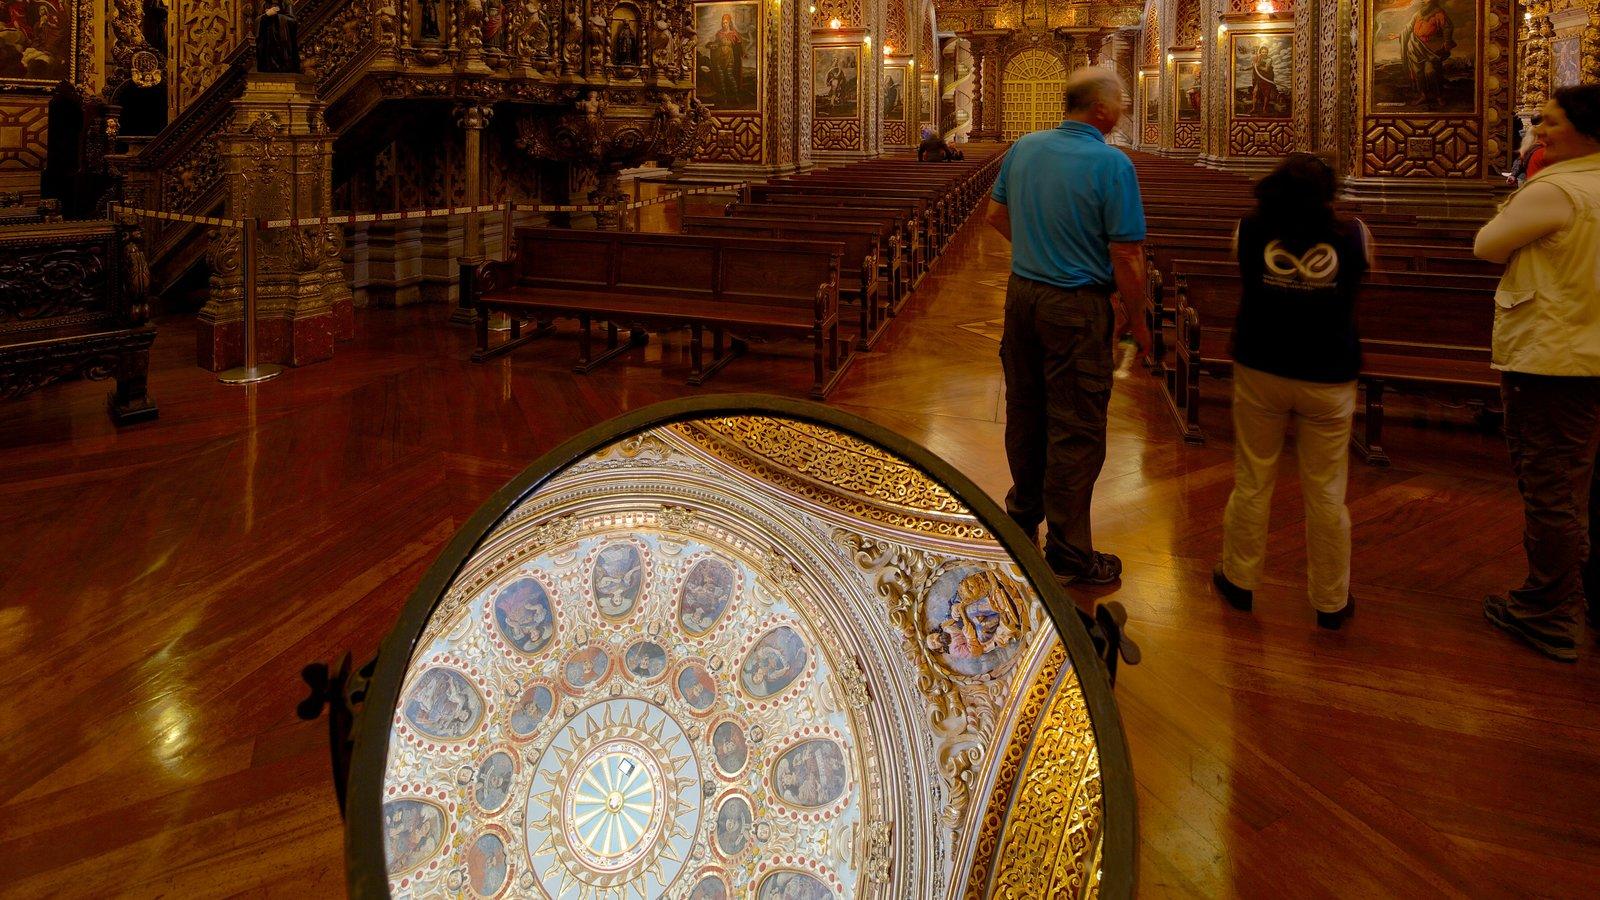 Igreja da Companhia de Jesus mostrando vistas internas, uma igreja ou catedral e aspectos religiosos